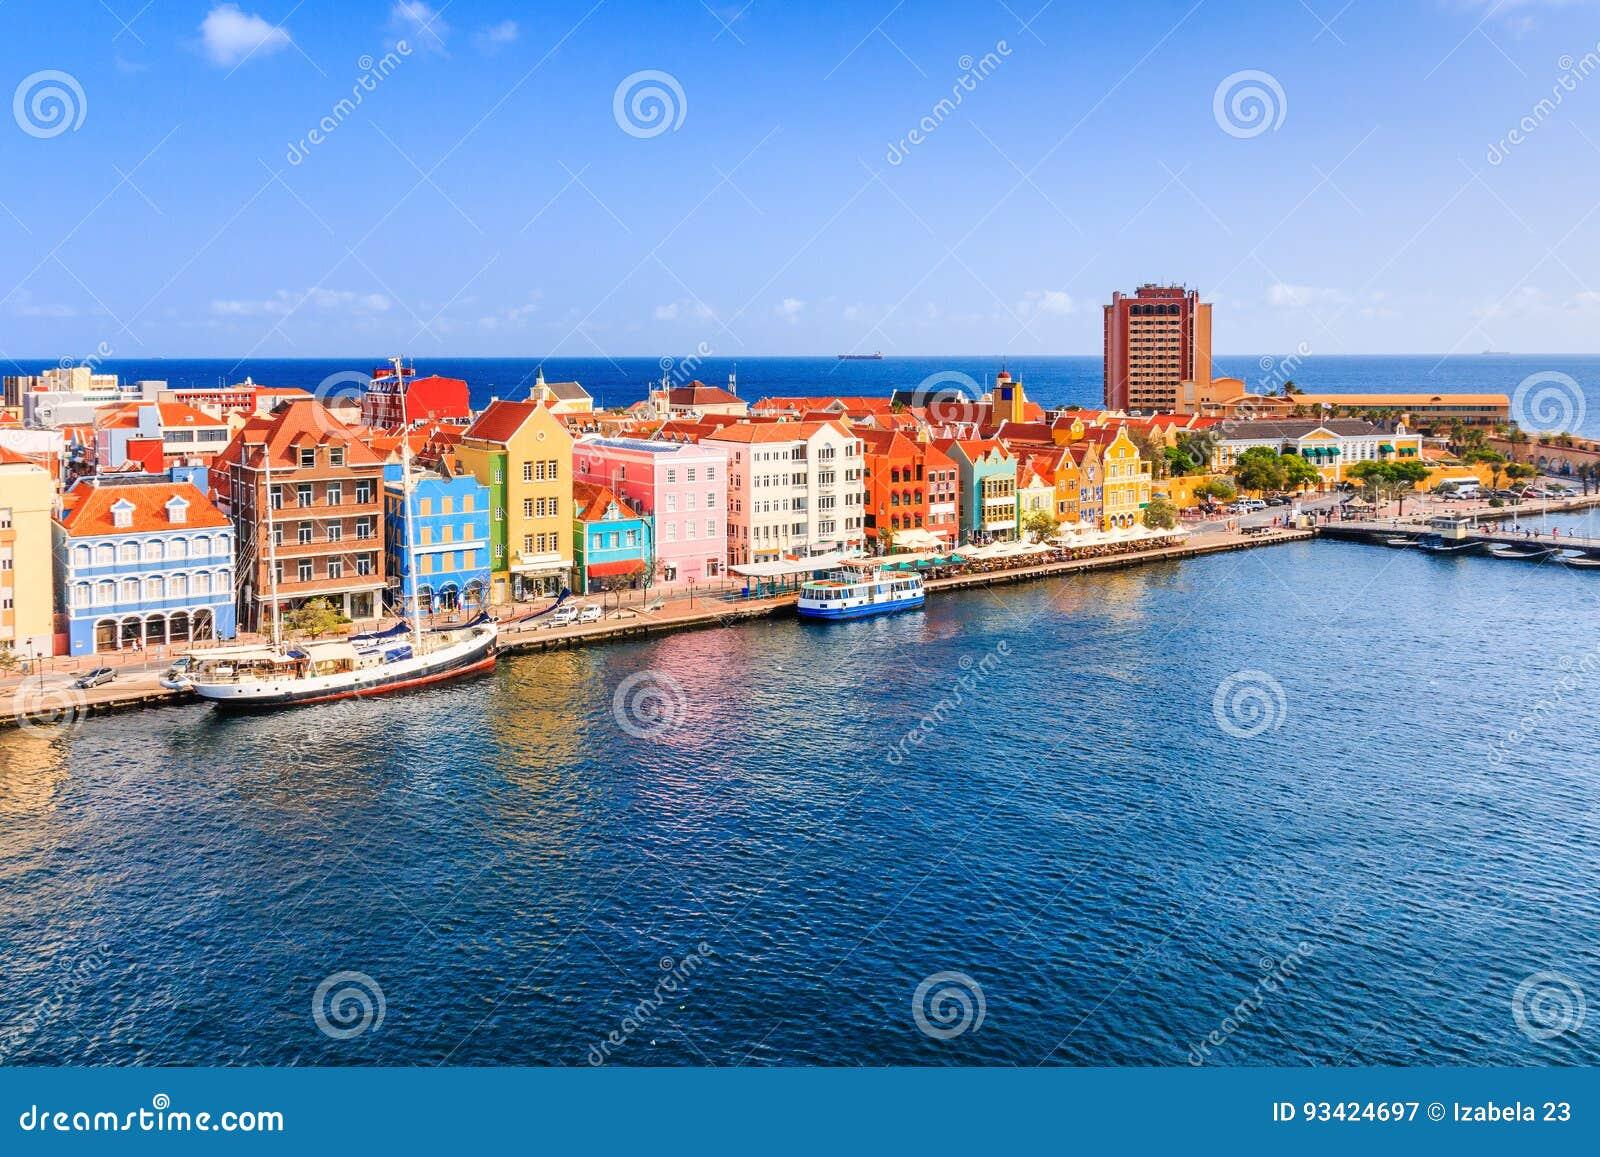 Le Curaçao, Antilles néerlandaises